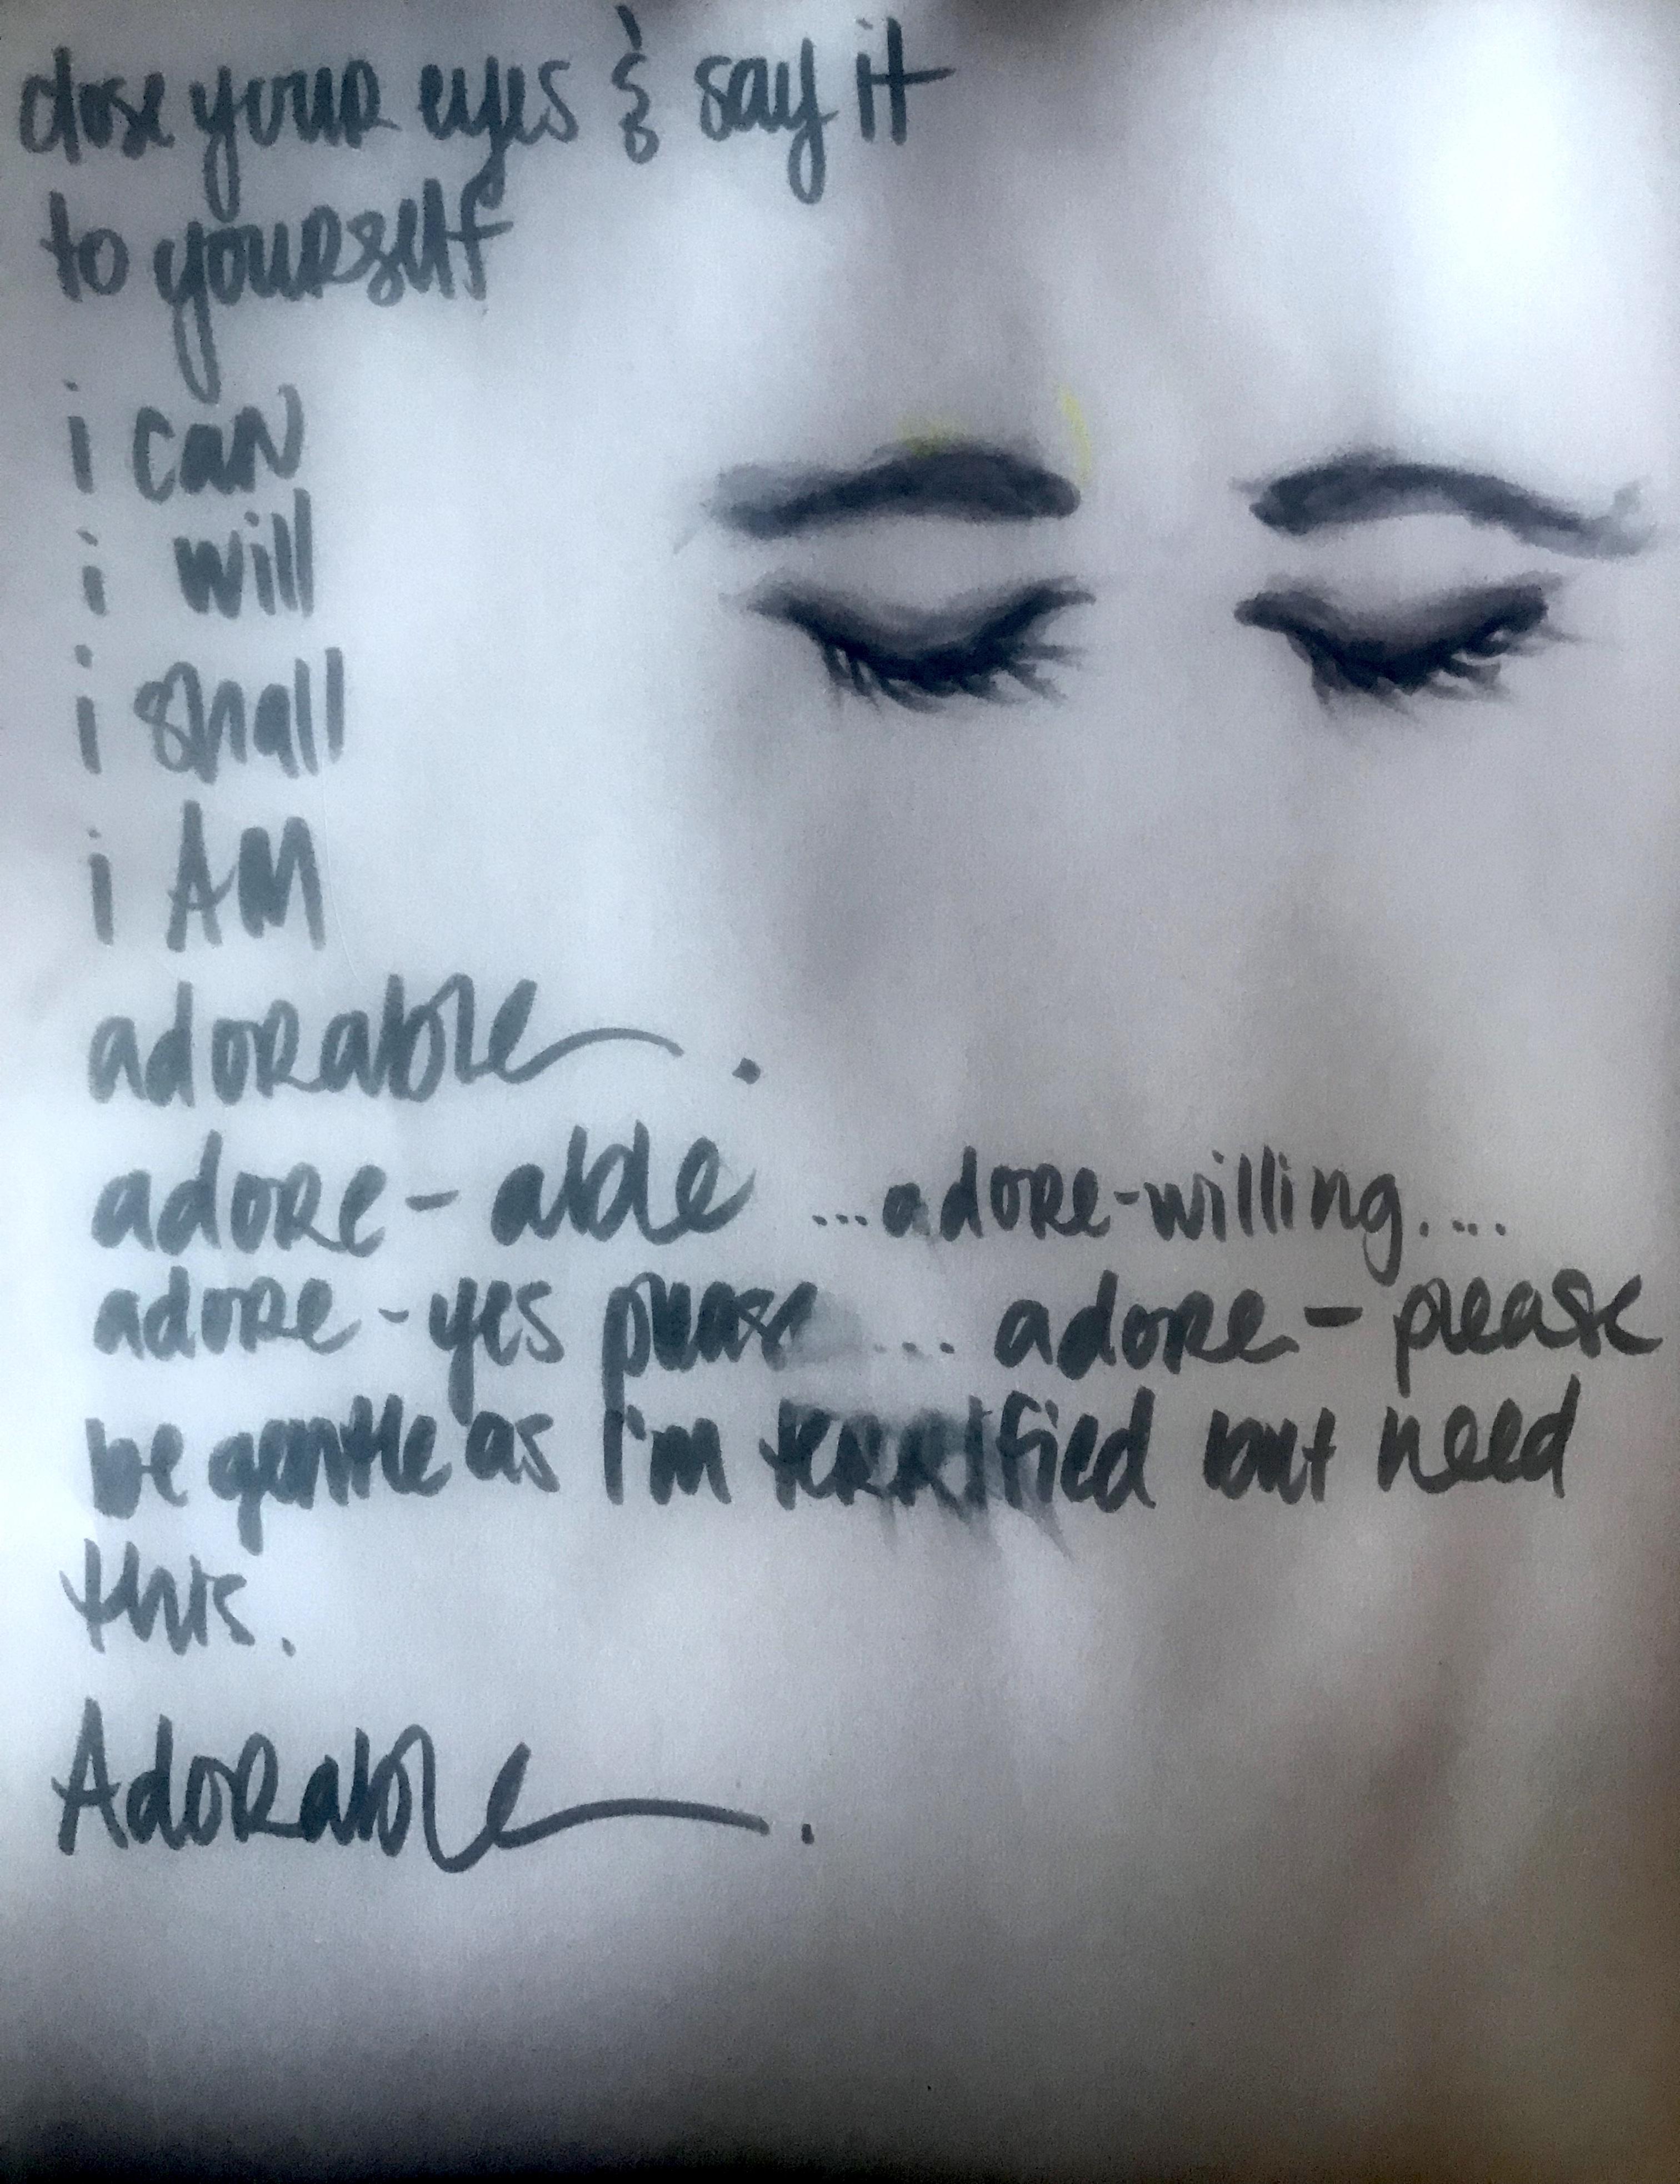 ador-able